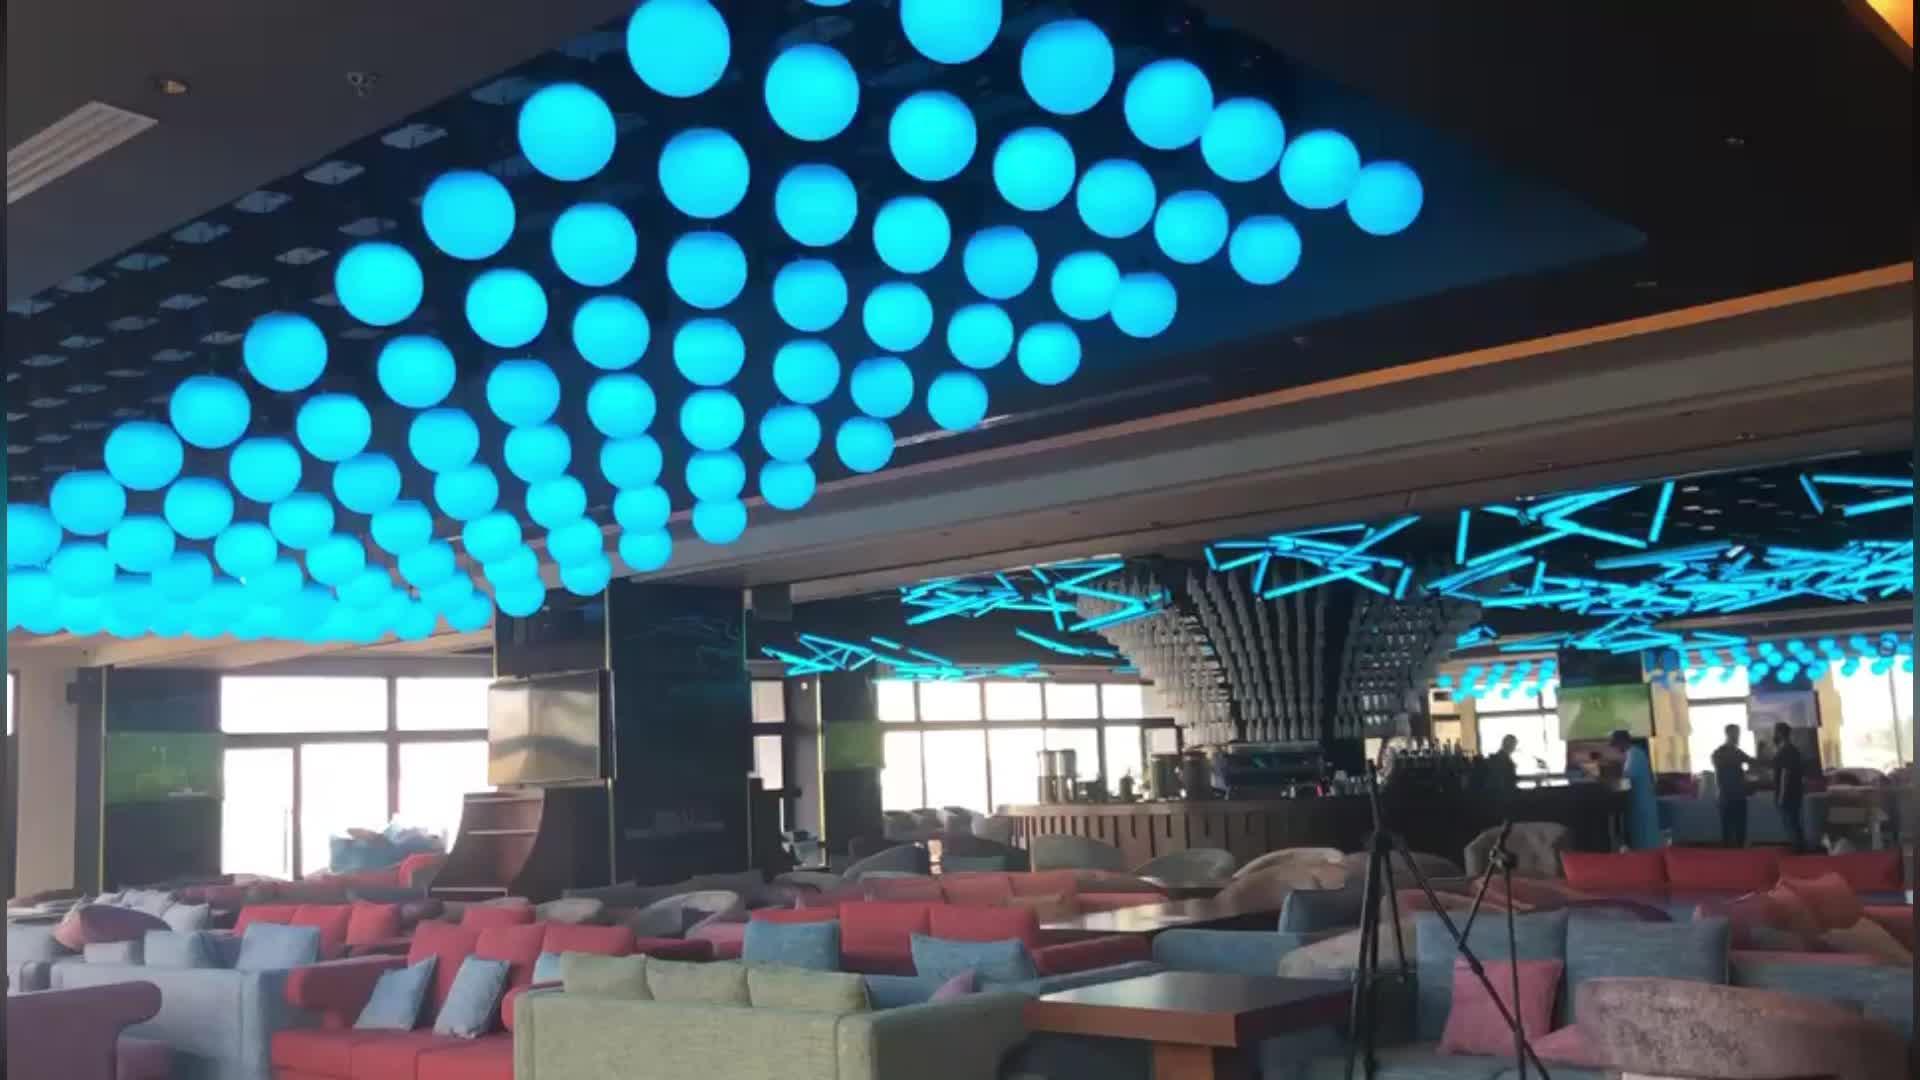 ผู้ผลิตกิจกรรมตกแต่งเพดาน STAGE DJ LED Kinetic Ball LIGHT